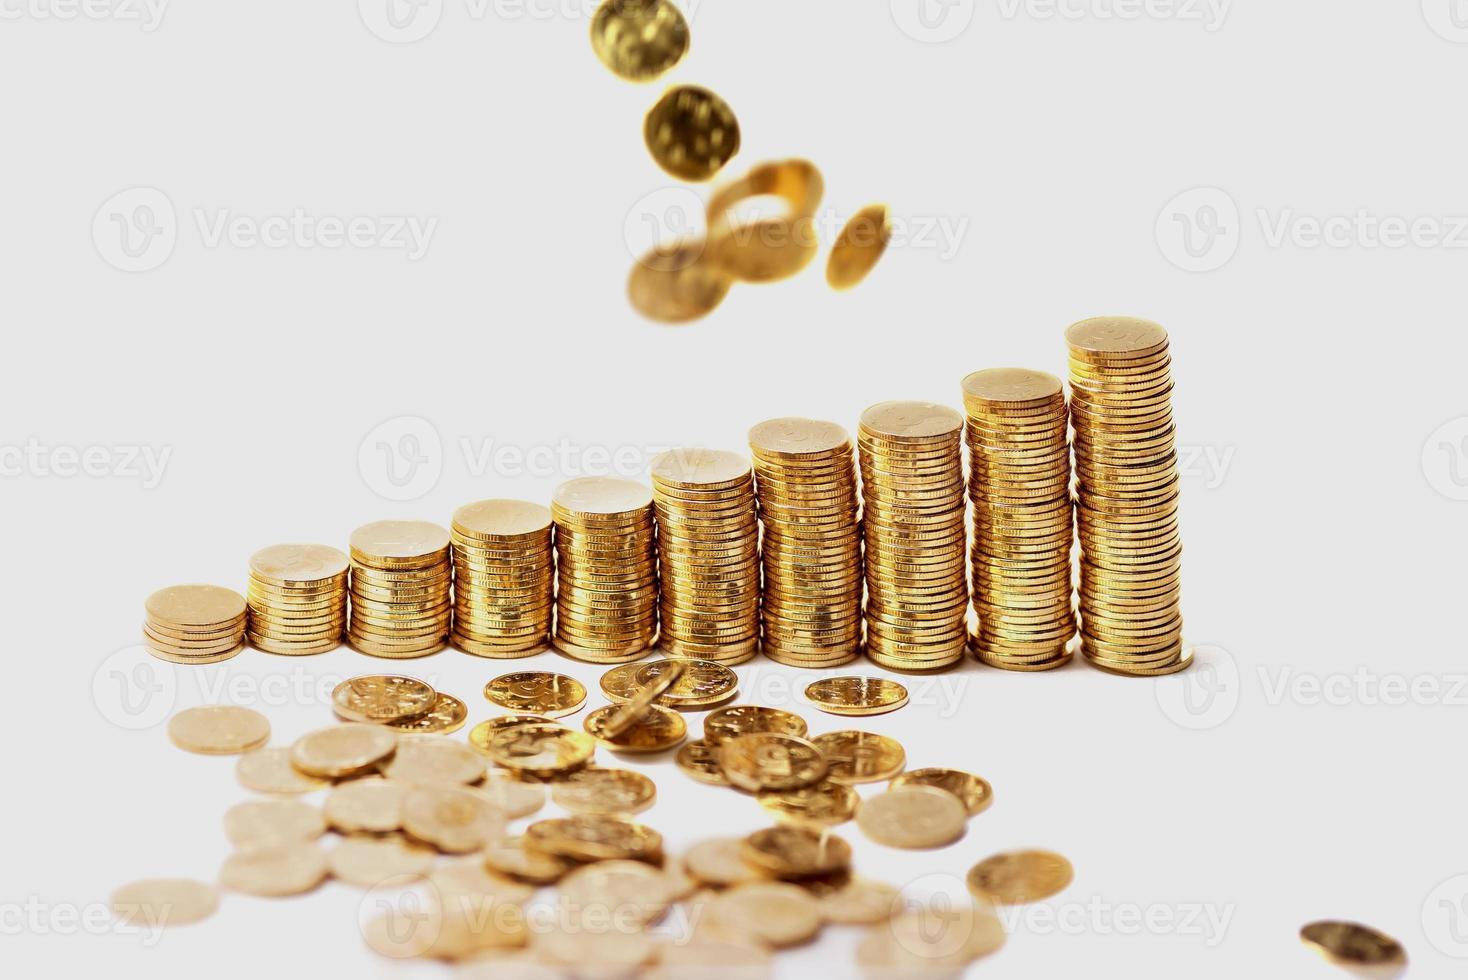 pioggia da monete d'oro foto